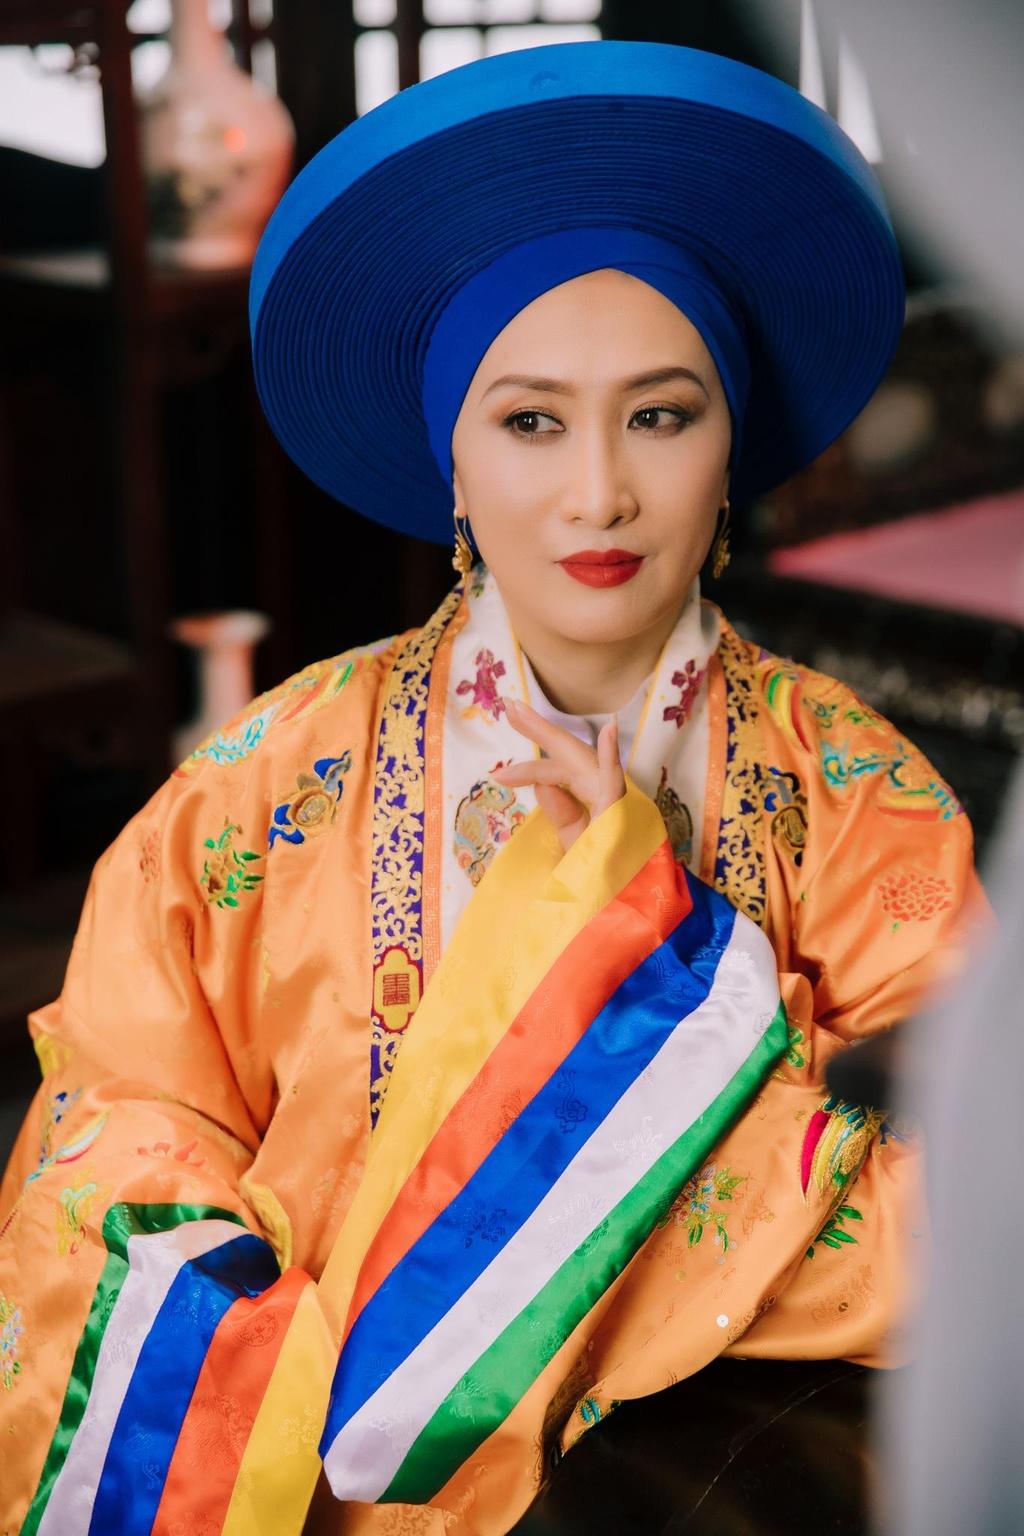 Hoa hau Diem Chau dam nhan vai phi tan cua Hoang de Thieu Tri hinh anh 1 image001_1.jpg